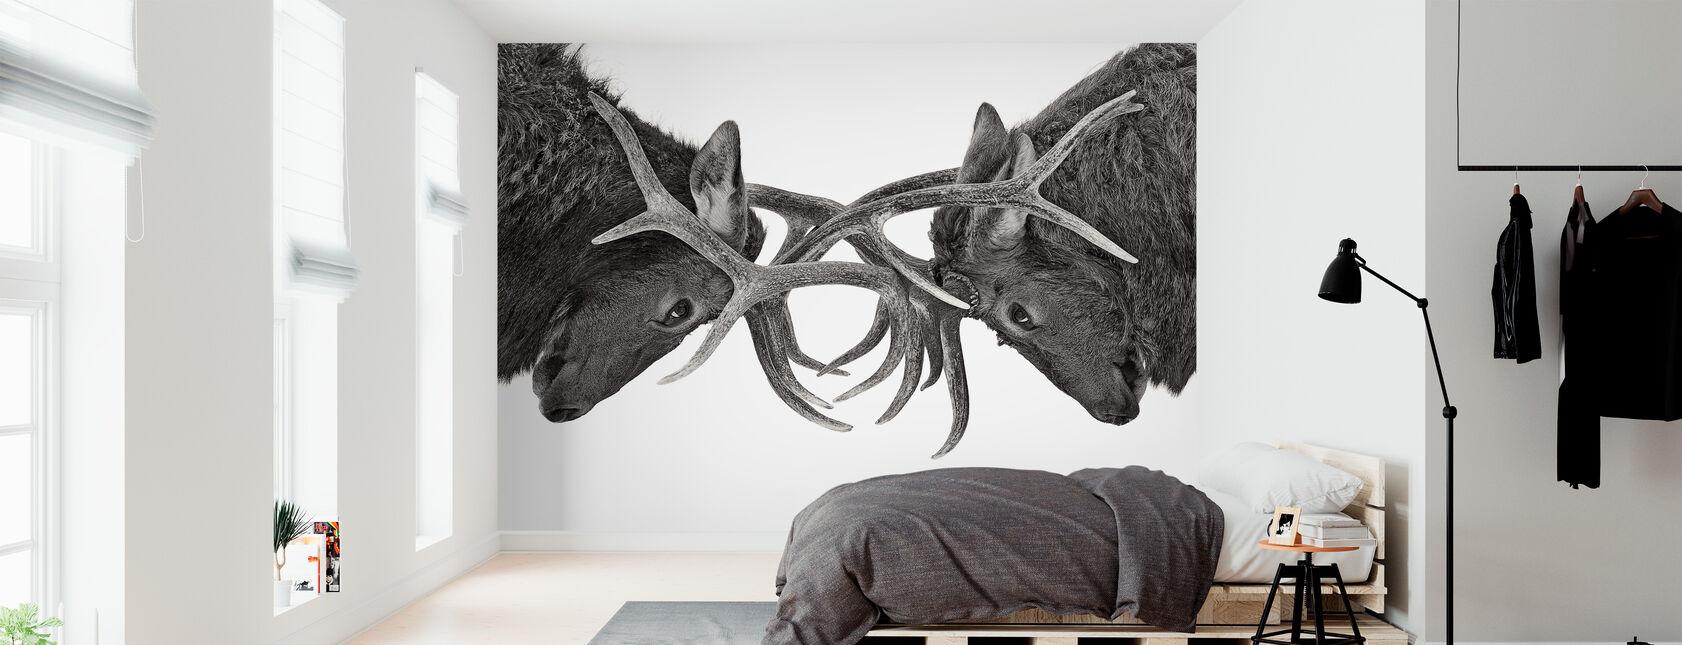 Öga mot öga - Elk kamp, svart och vitt - Tapet - Sovrum